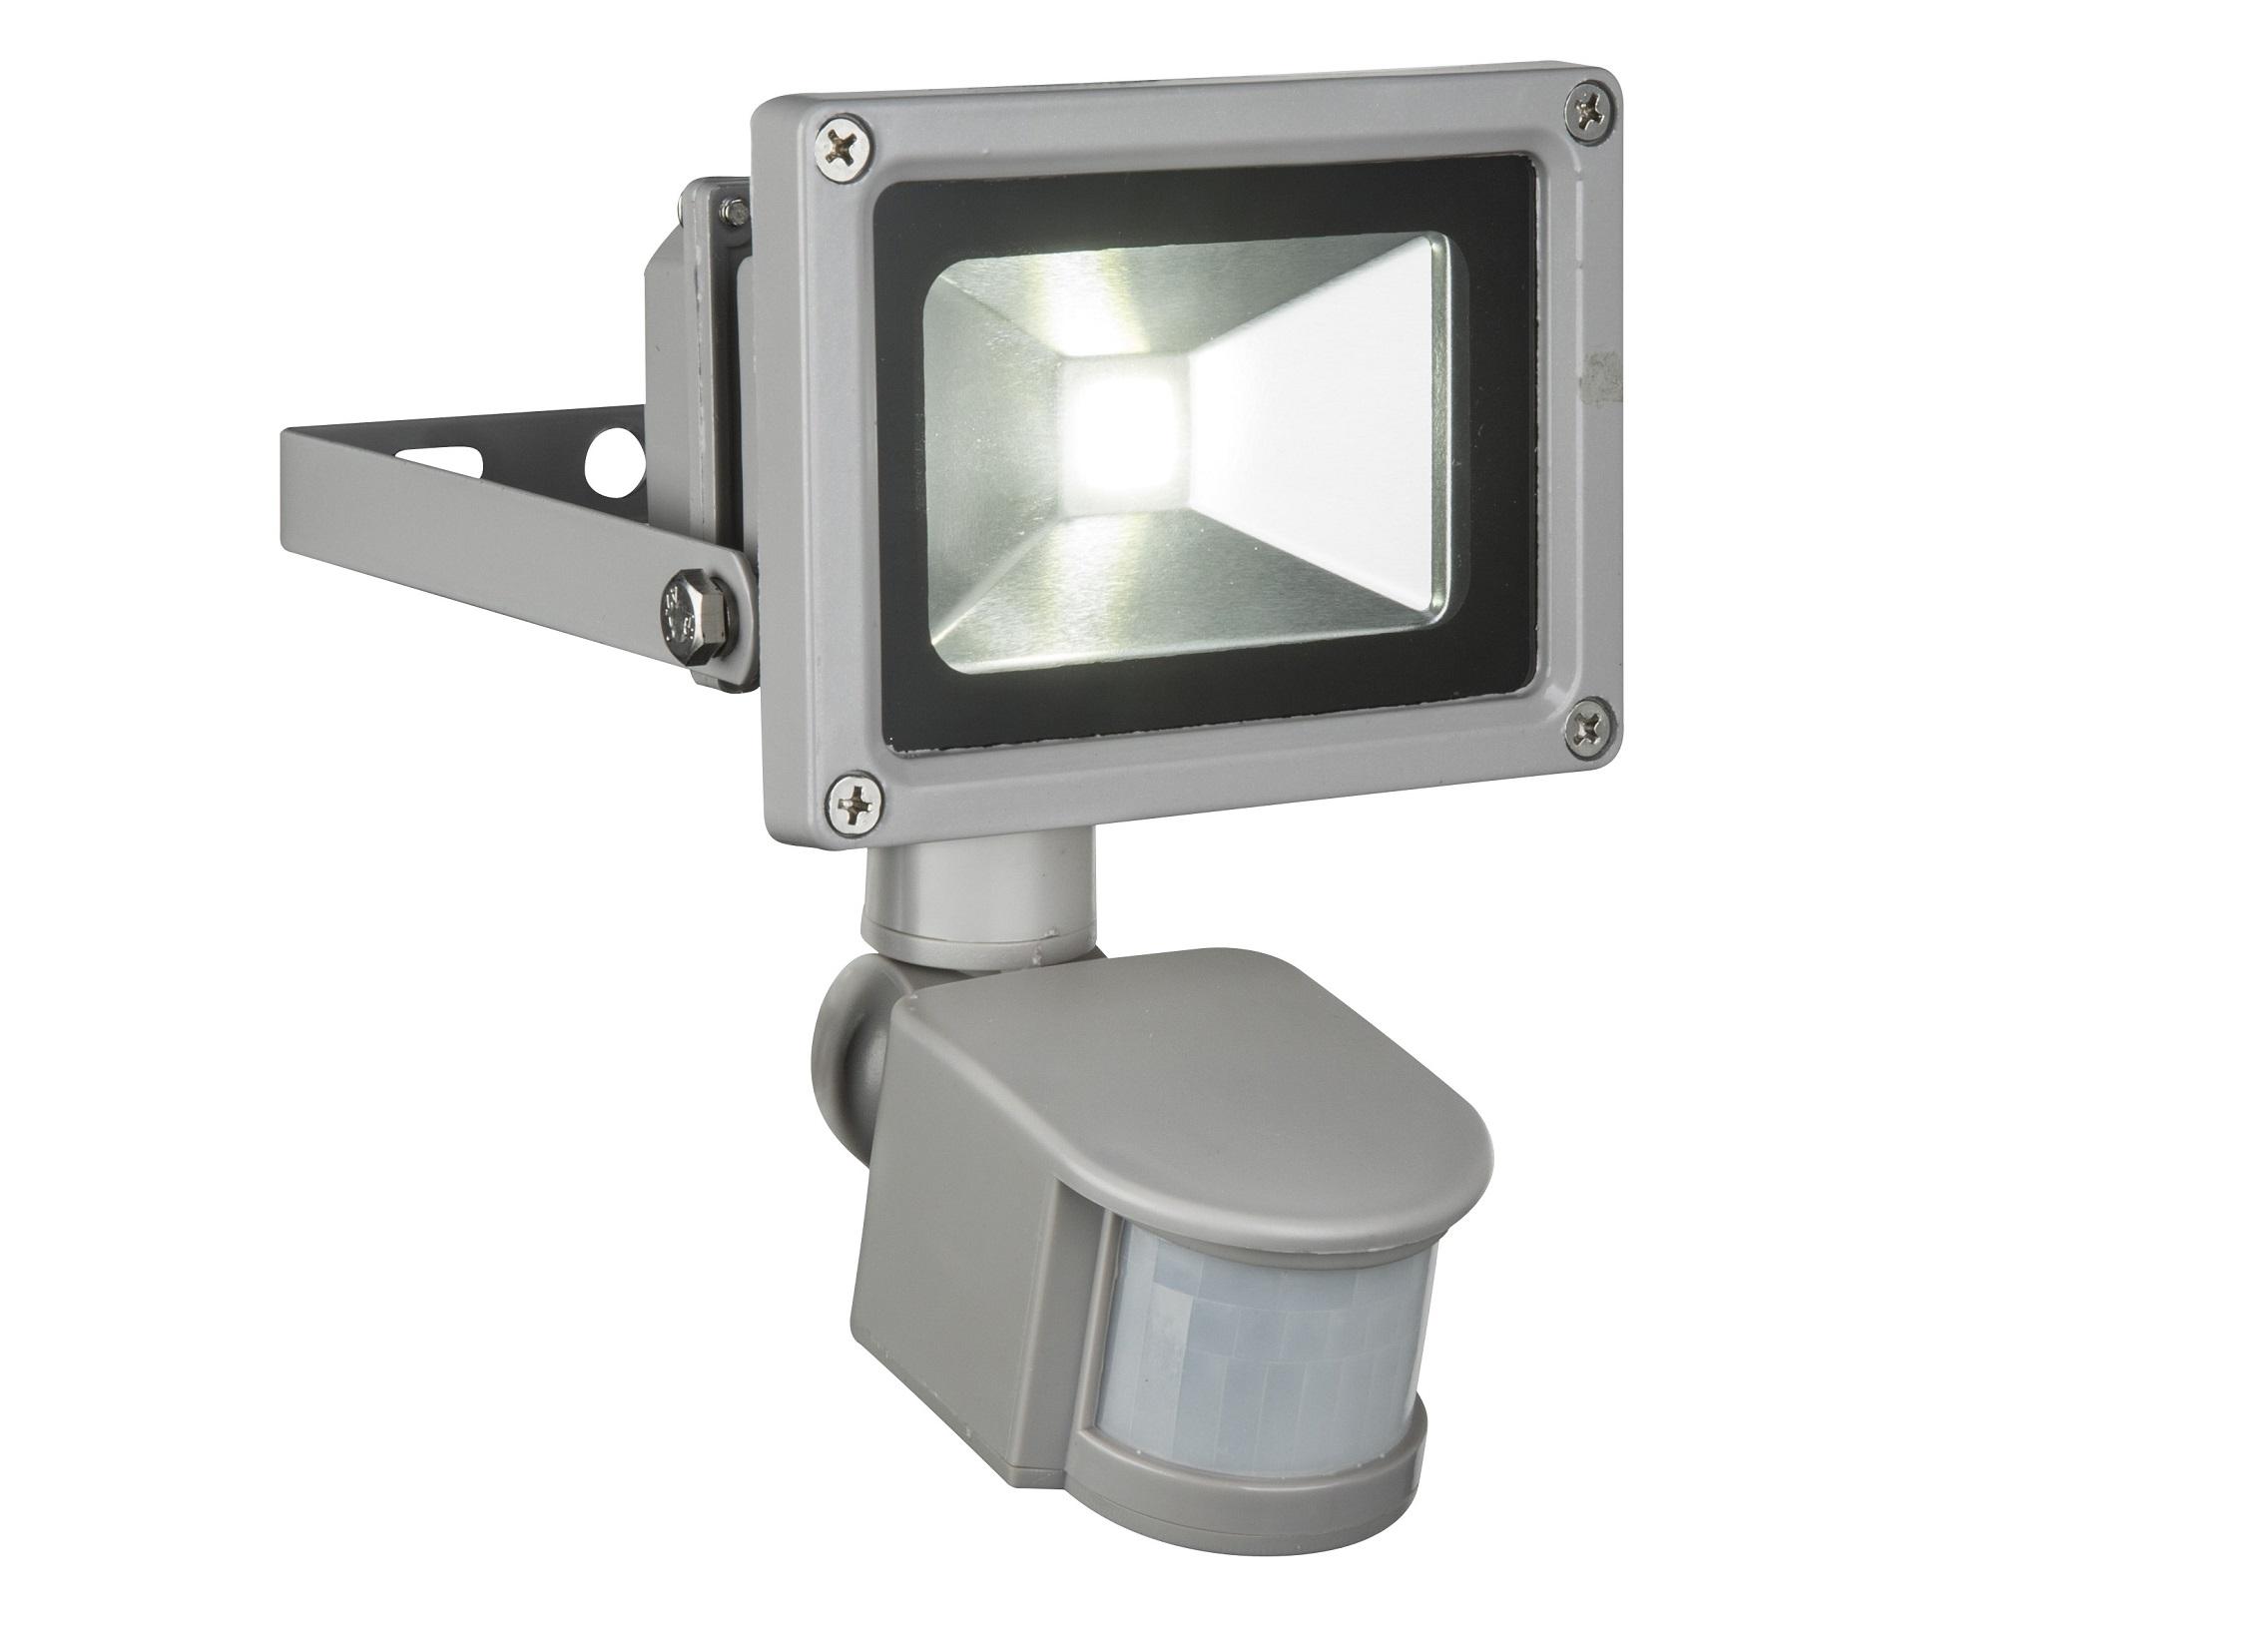 Светильник уличныйУличные настенные светильники<br>&amp;lt;div&amp;gt;&amp;lt;div&amp;gt;Вид цоколя: LED&amp;lt;/div&amp;gt;&amp;lt;div&amp;gt;Мощность: &amp;amp;nbsp;10W&amp;lt;/div&amp;gt;&amp;lt;div&amp;gt;Количество ламп: 1 (в комплекте)&amp;lt;/div&amp;gt;&amp;lt;/div&amp;gt;<br><br>Material: Металл<br>Length см: None<br>Width см: 11,5<br>Depth см: 17<br>Height см: 15<br>Diameter см: None